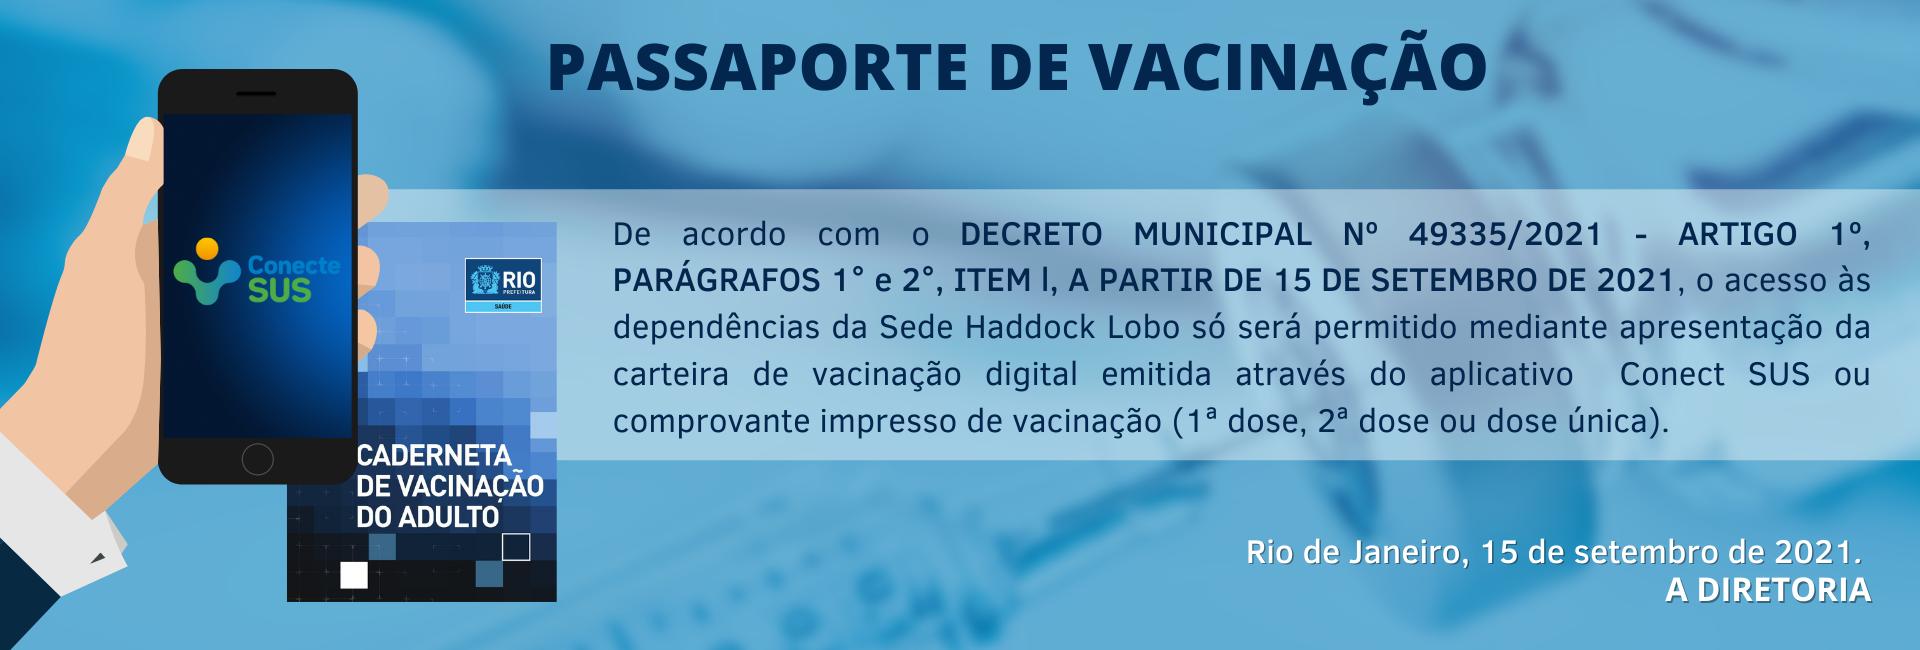 Comunicado Passaporte de Vacinação Covid-19